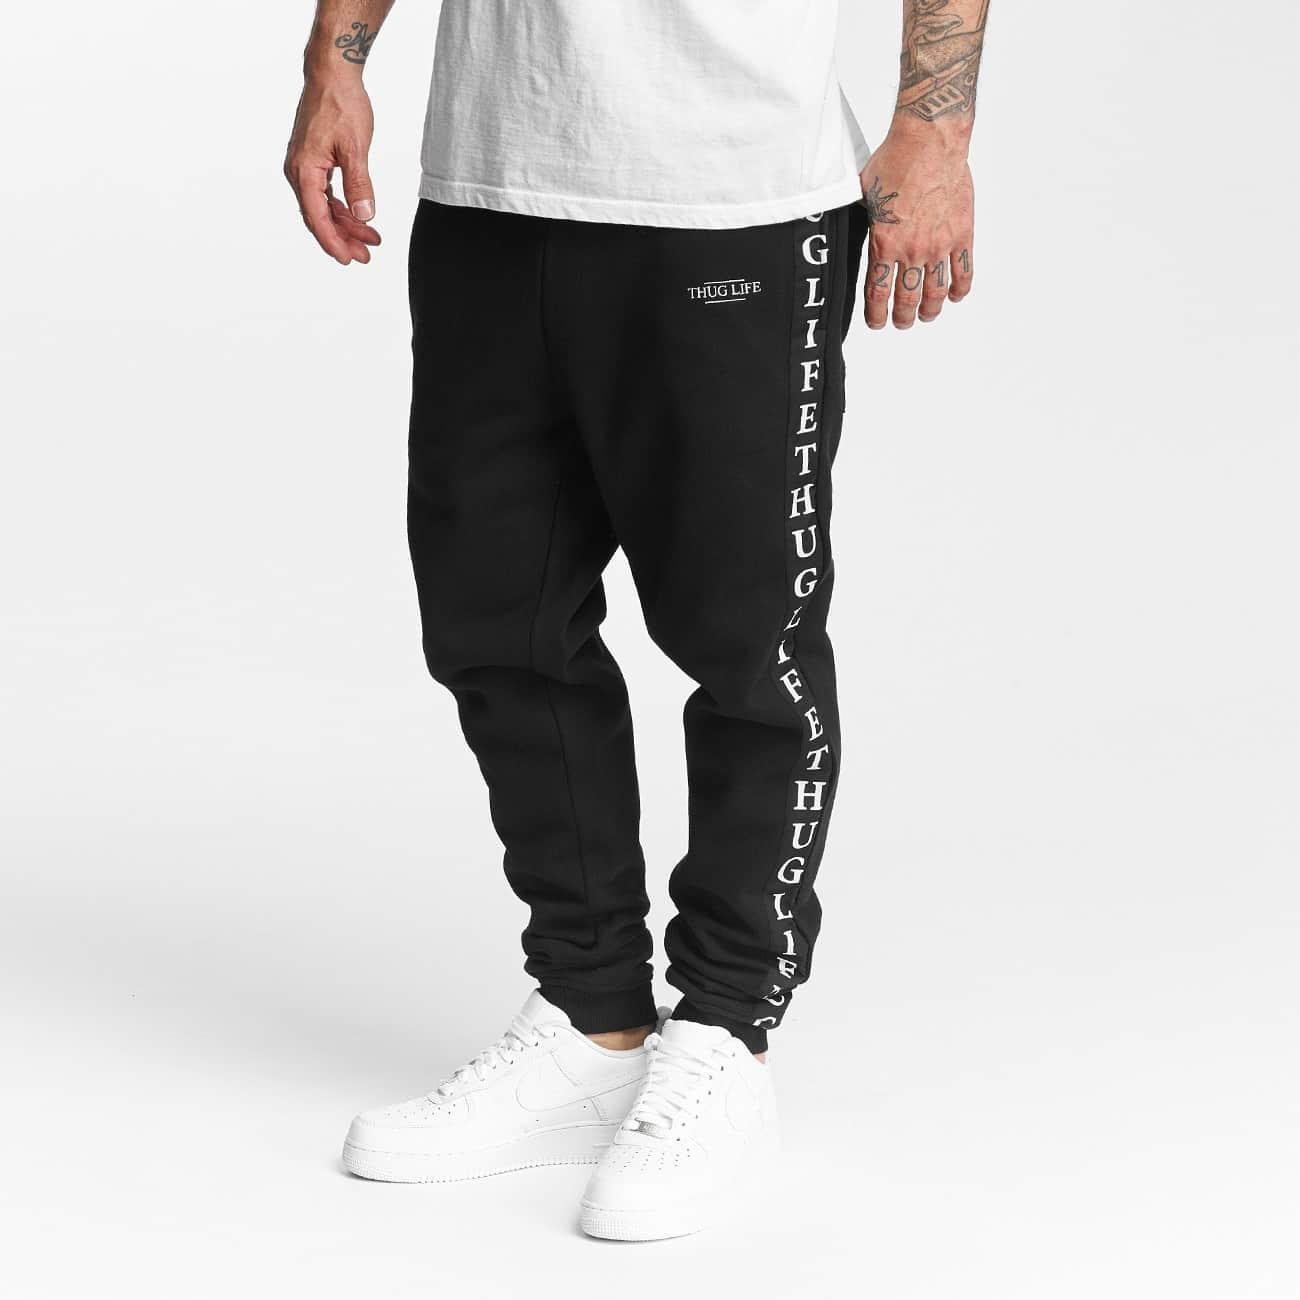 Spodnie dresowe Thug Life Wired in black 2XL